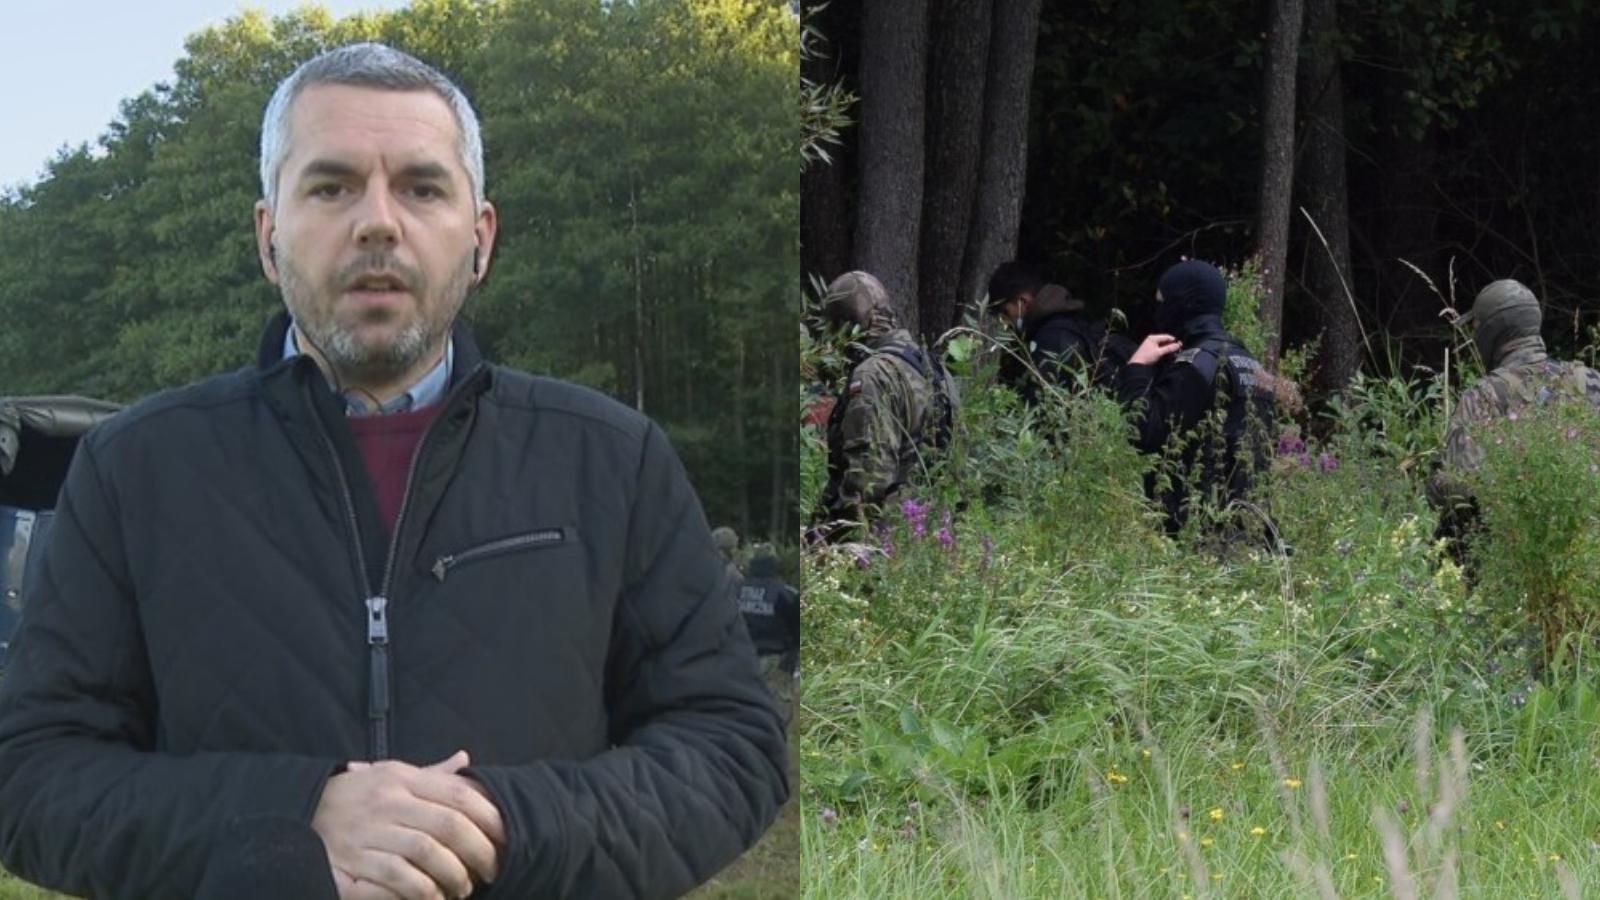 """Konieczny interweniuje na granicy. """"Polska ściga się z reżimem Łukaszenki na okrucieństwo"""""""